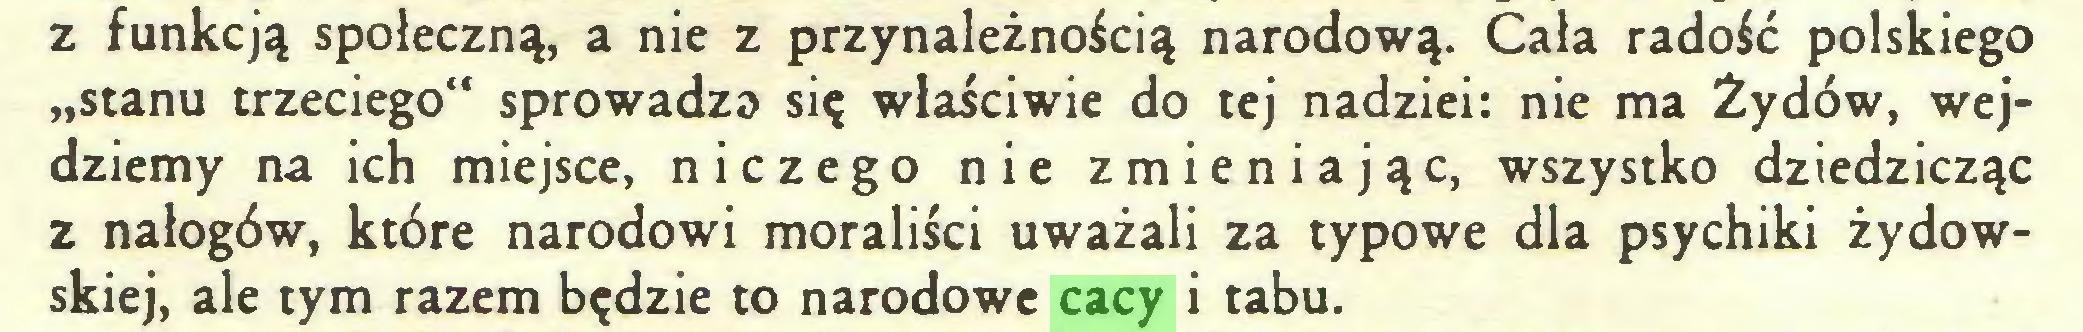 """(...) z funkcją społeczną, a nie z przynależnością narodową. Cała radość polskiego """"stanu trzeciego"""" sprowadza się właściwie do tej nadziei: nie ma Żydów, wejdziemy na ich miejsce, niczego nie zmieniając, wszystko dziedzicząc z nałogów, które narodowi moraliści uważali za typowe dla psychiki żydowskiej, ale tym razem będzie to narodowe cacy i tabu..."""